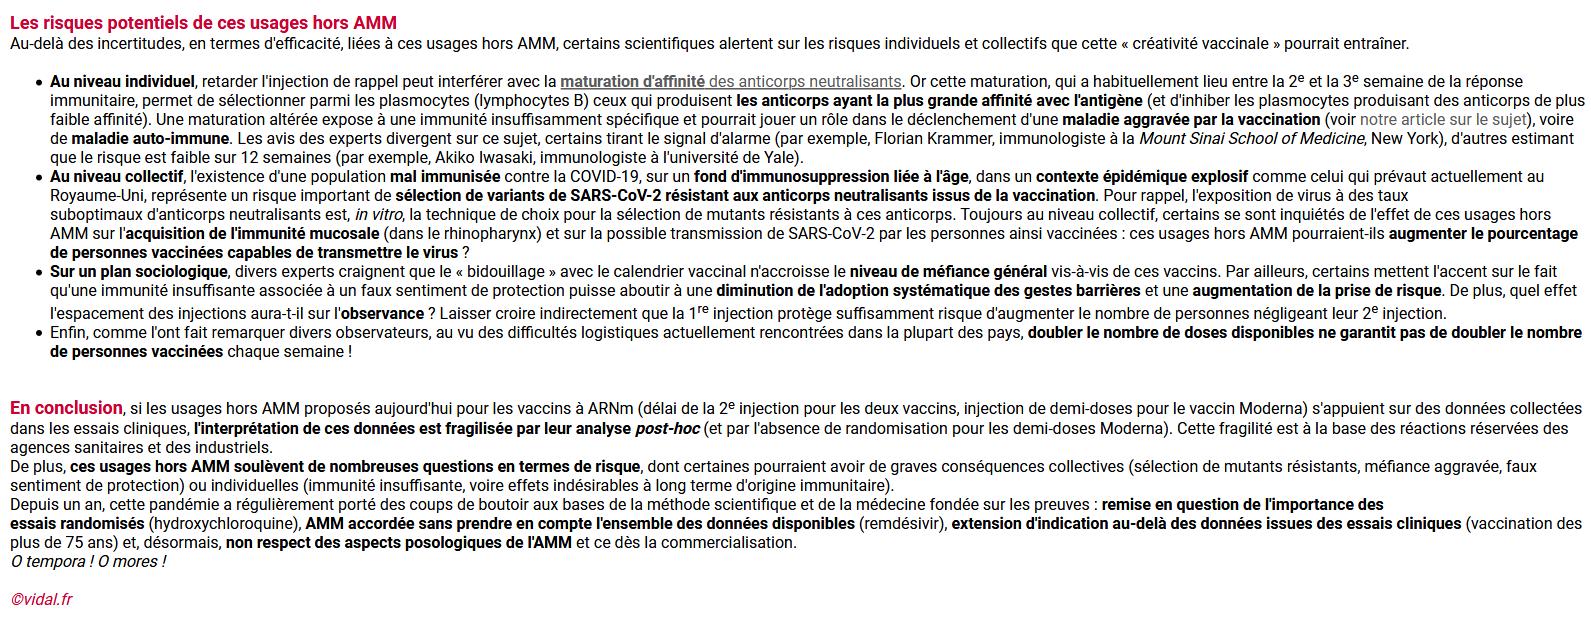 Screenshot_2021-01-08 COVID19 वैक्सीन शेड्यूल पर रचनात्मकता की हवा निकालता है। png